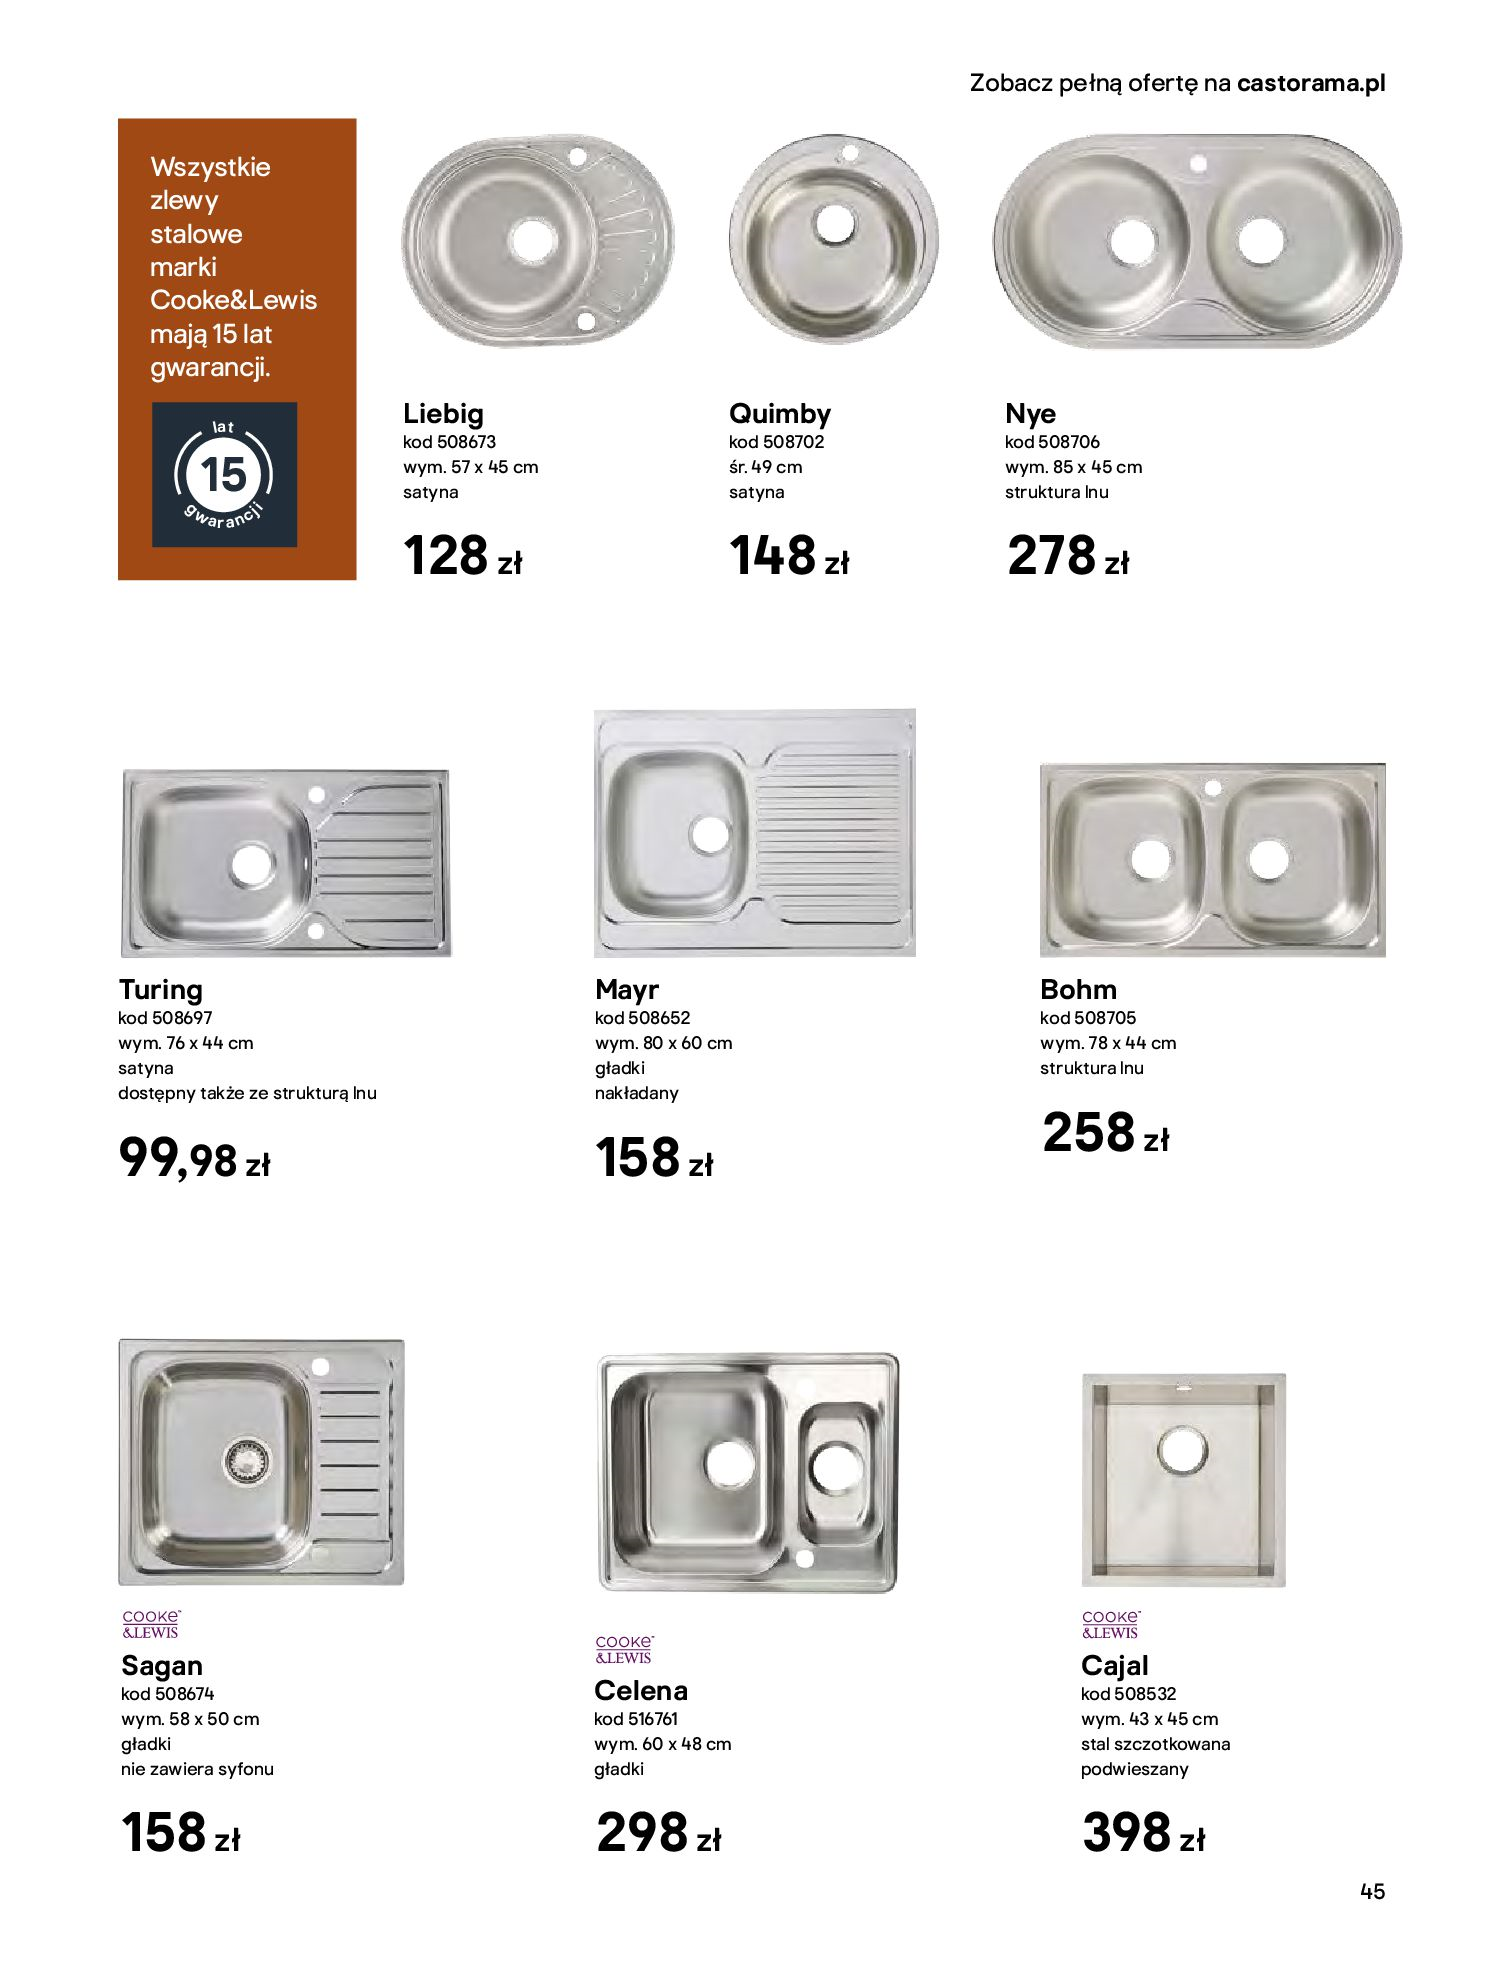 Gazetka Castorama - Katalog Kuchnie 2020-14.04.2020-31.12.2020-page-45